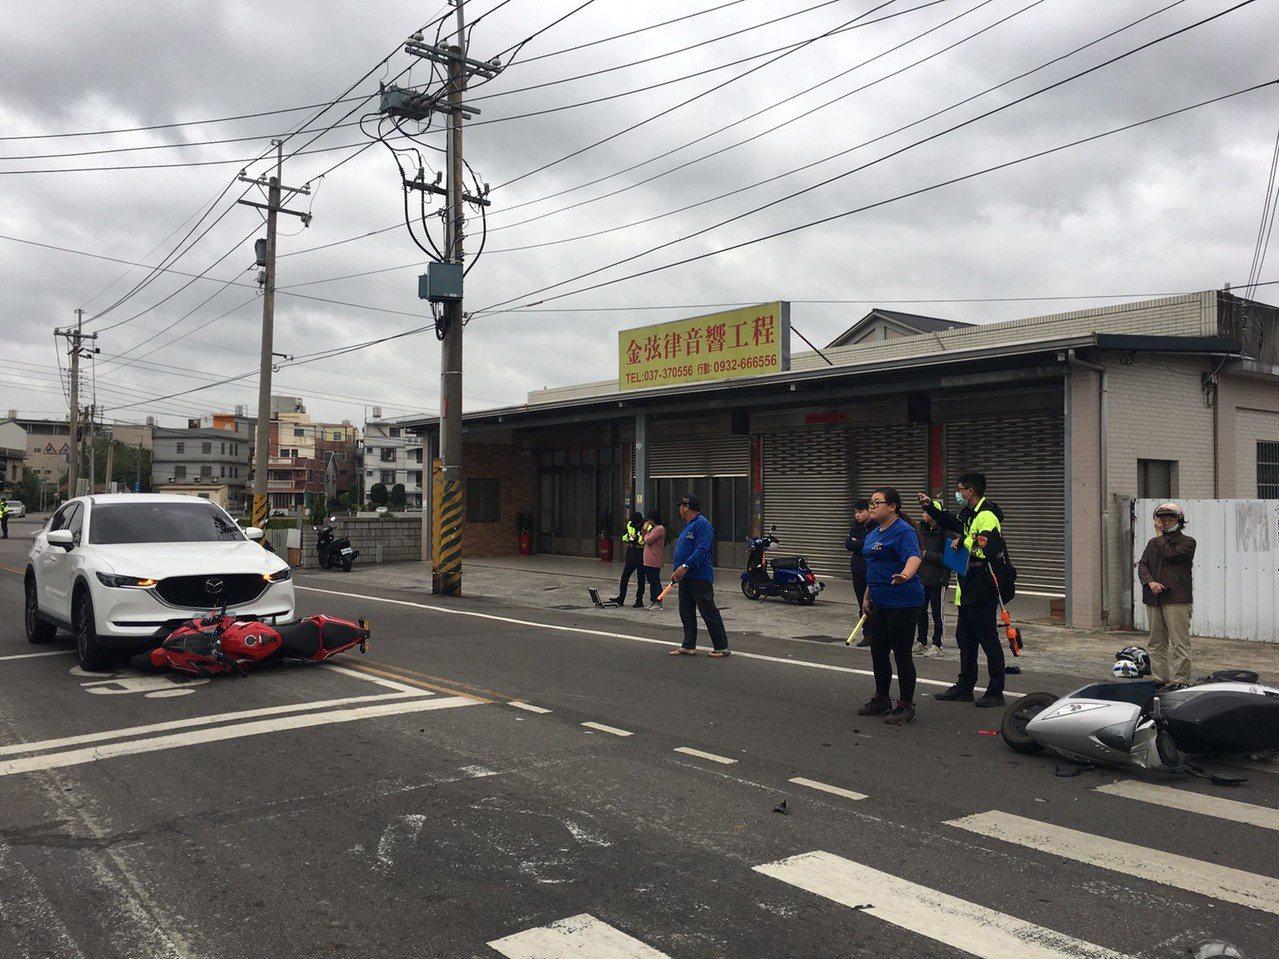 苗栗市經國路、新東街口附近今天上午7點40分左右,發生同向2輛機車事故,其中1輛...